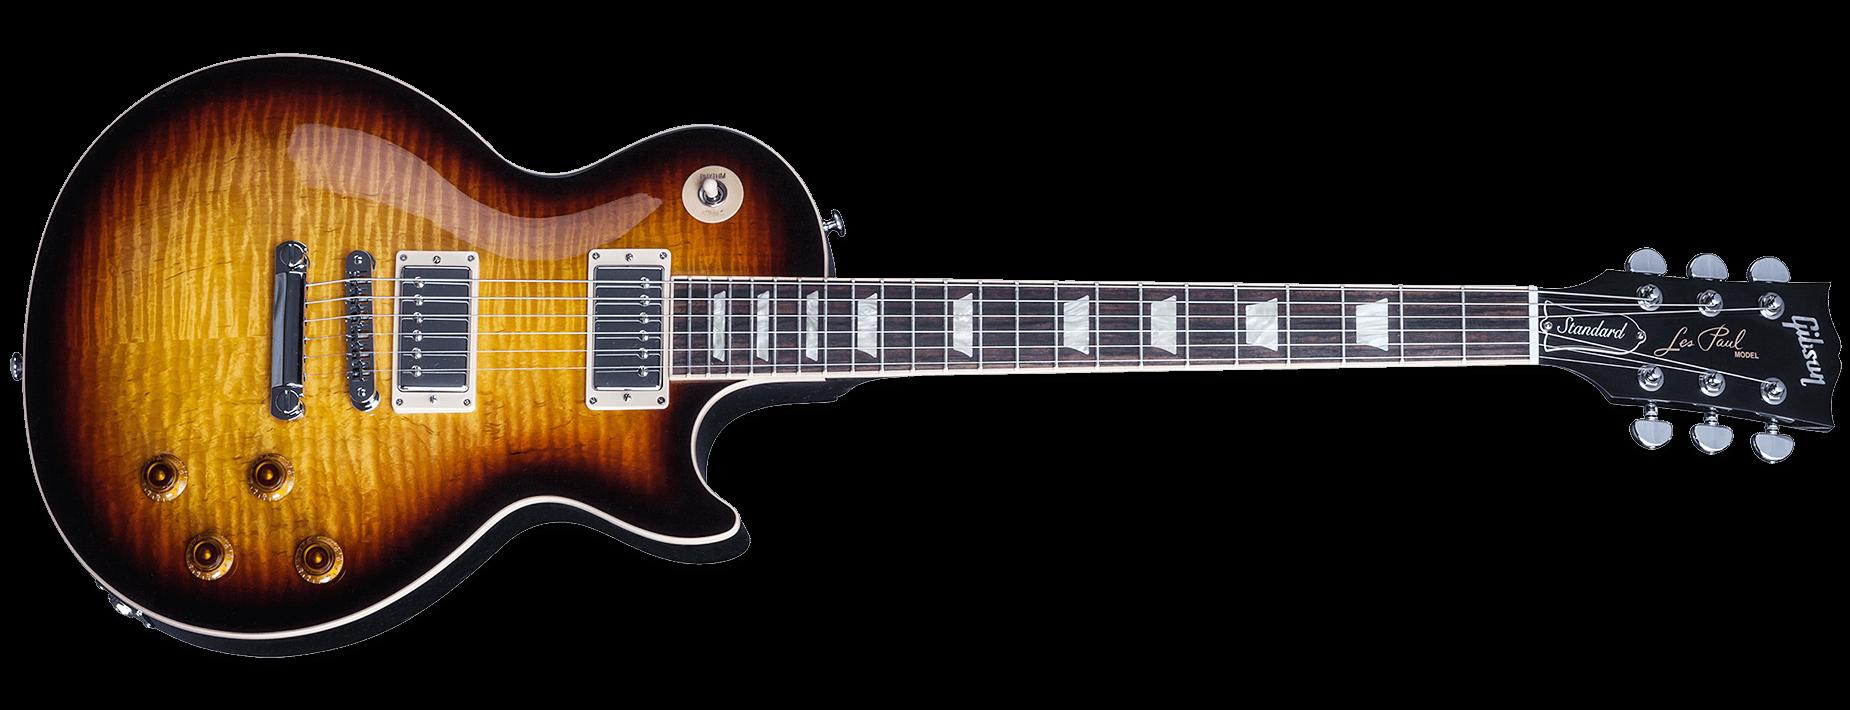 Gibson Les Paul Standard T 2016 Fire Burst